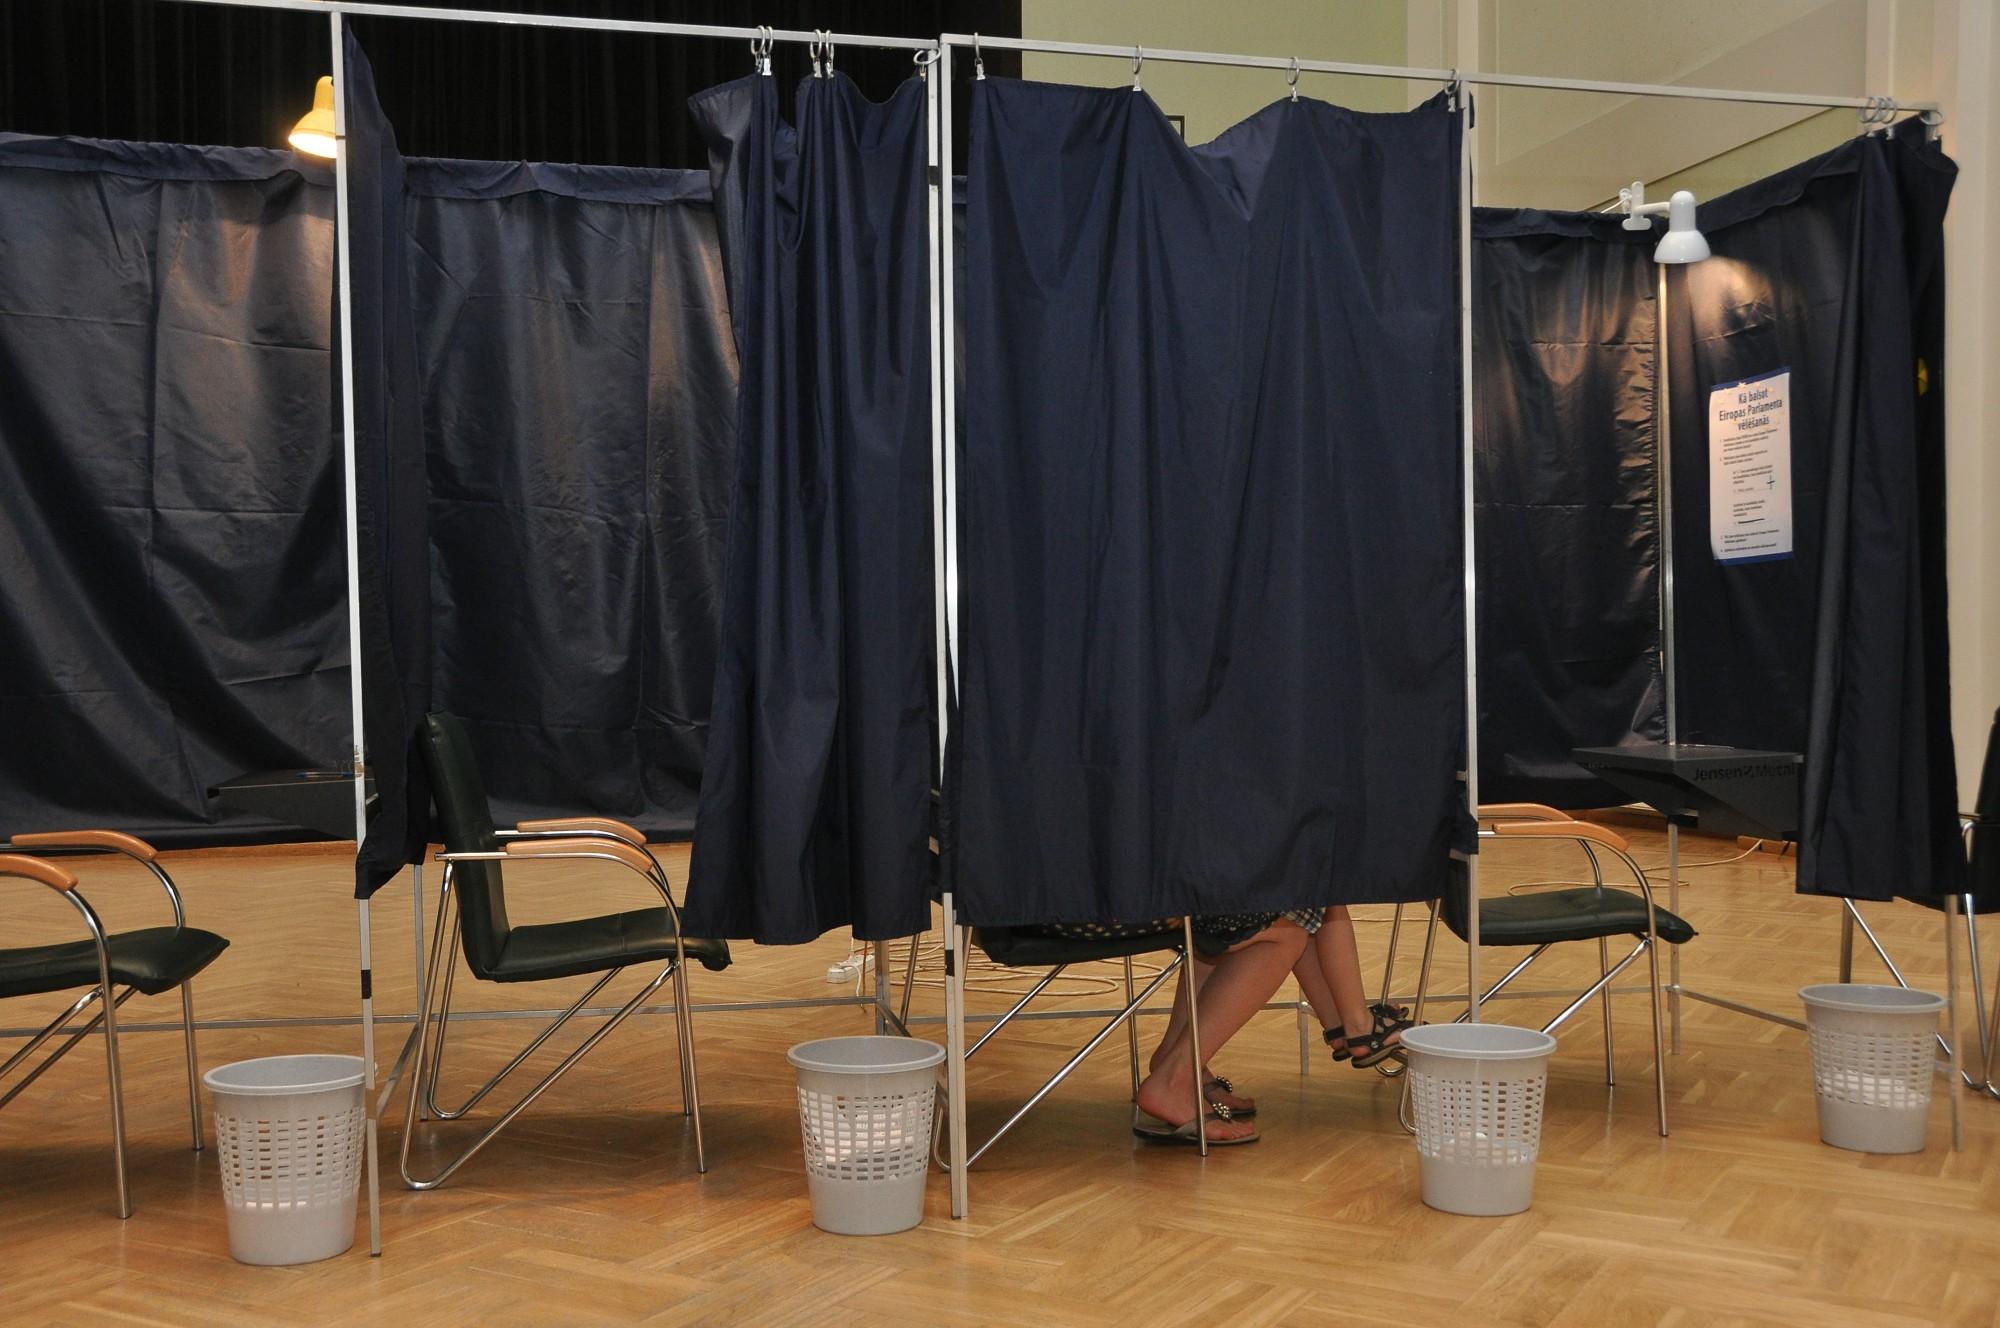 EP vēlēšanu iepriekšējā balsošanā pie urnām devušies 11,15% vēlētāju